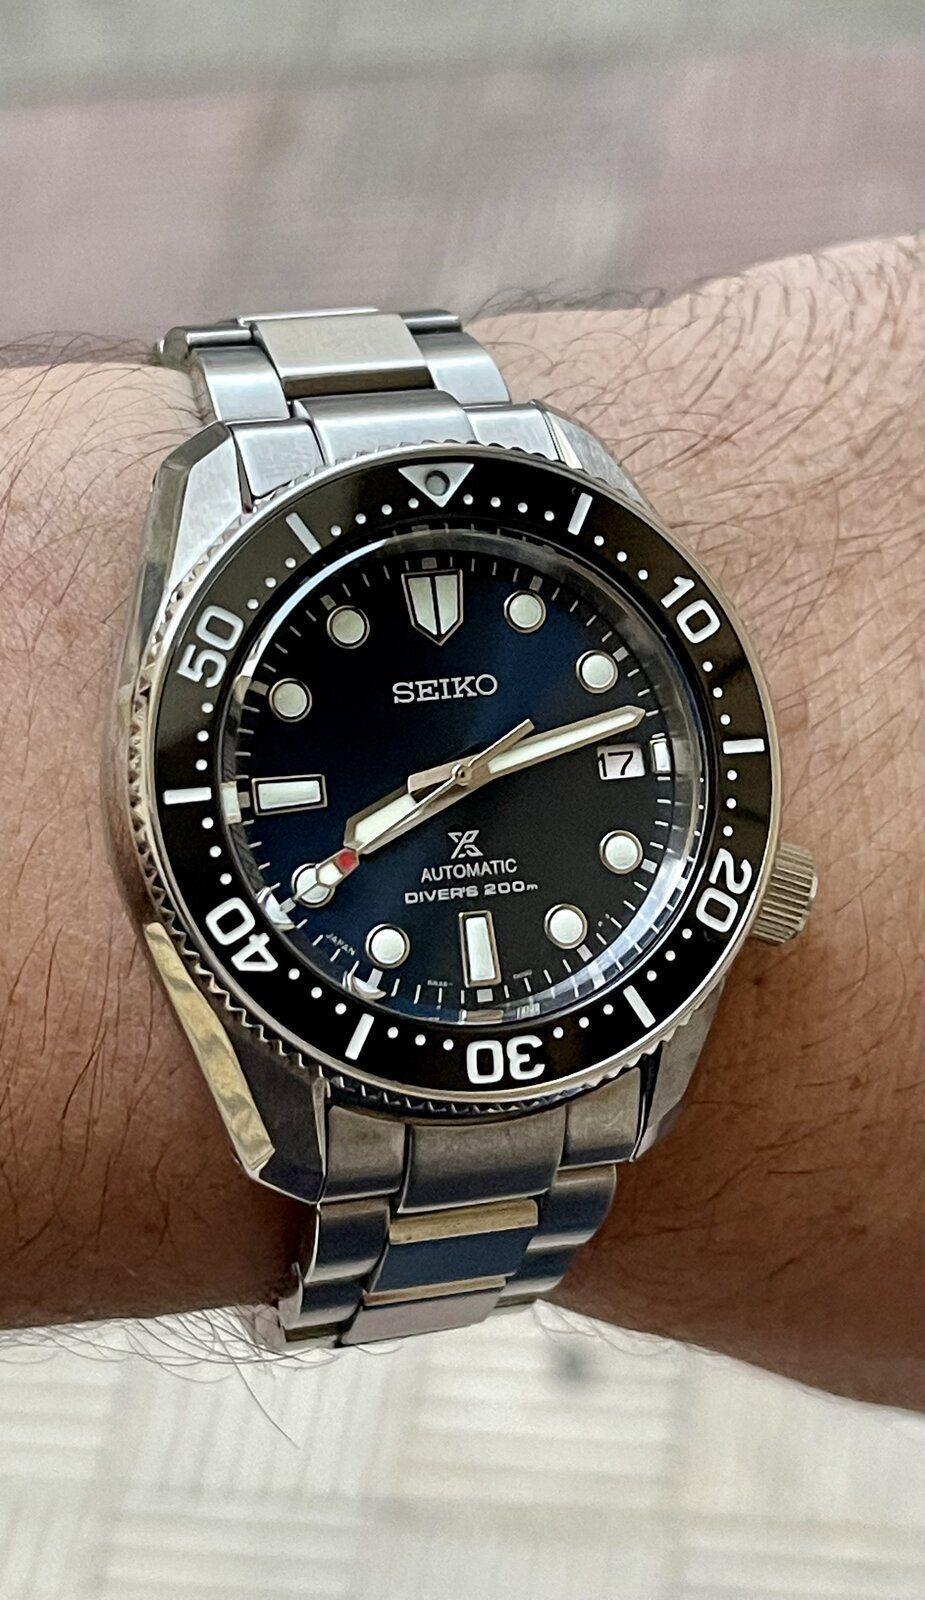 BE62718E-674A-4B85-BF65-196538927C13.jpeg